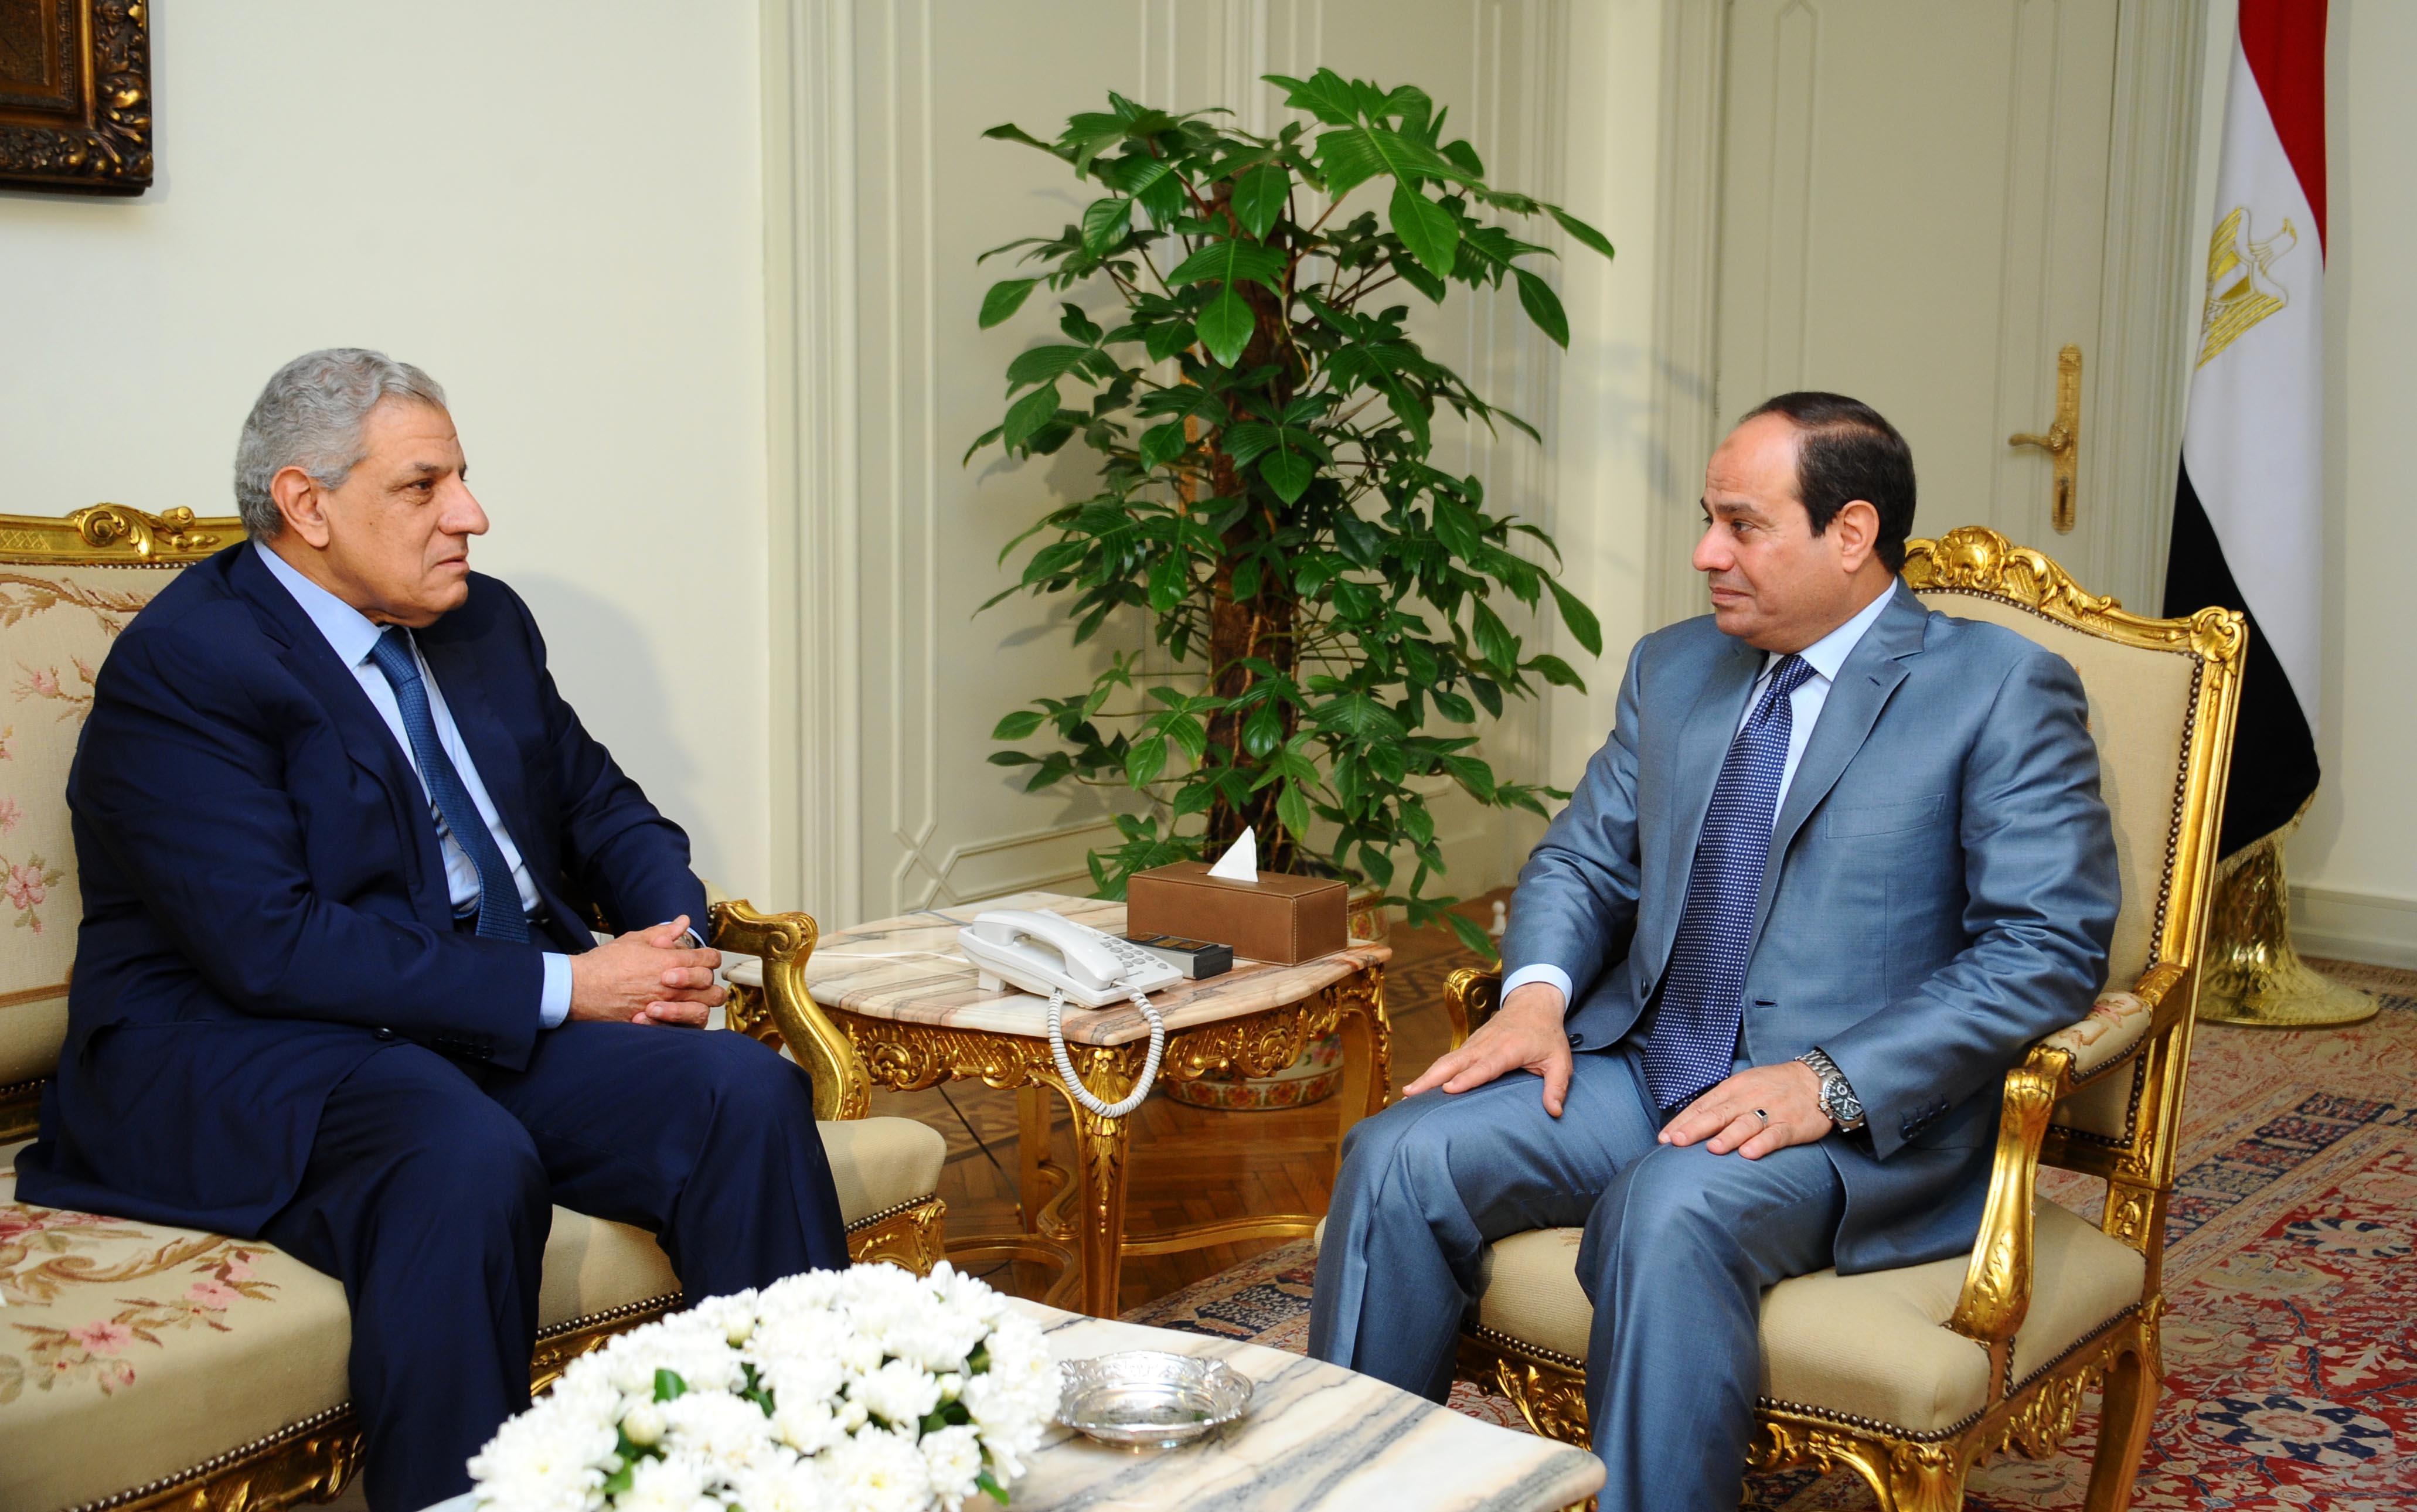 الرئيس عبدالفتاح السيسي و المهندس إبراهيم محلب مساعد رئيس الجمهورية